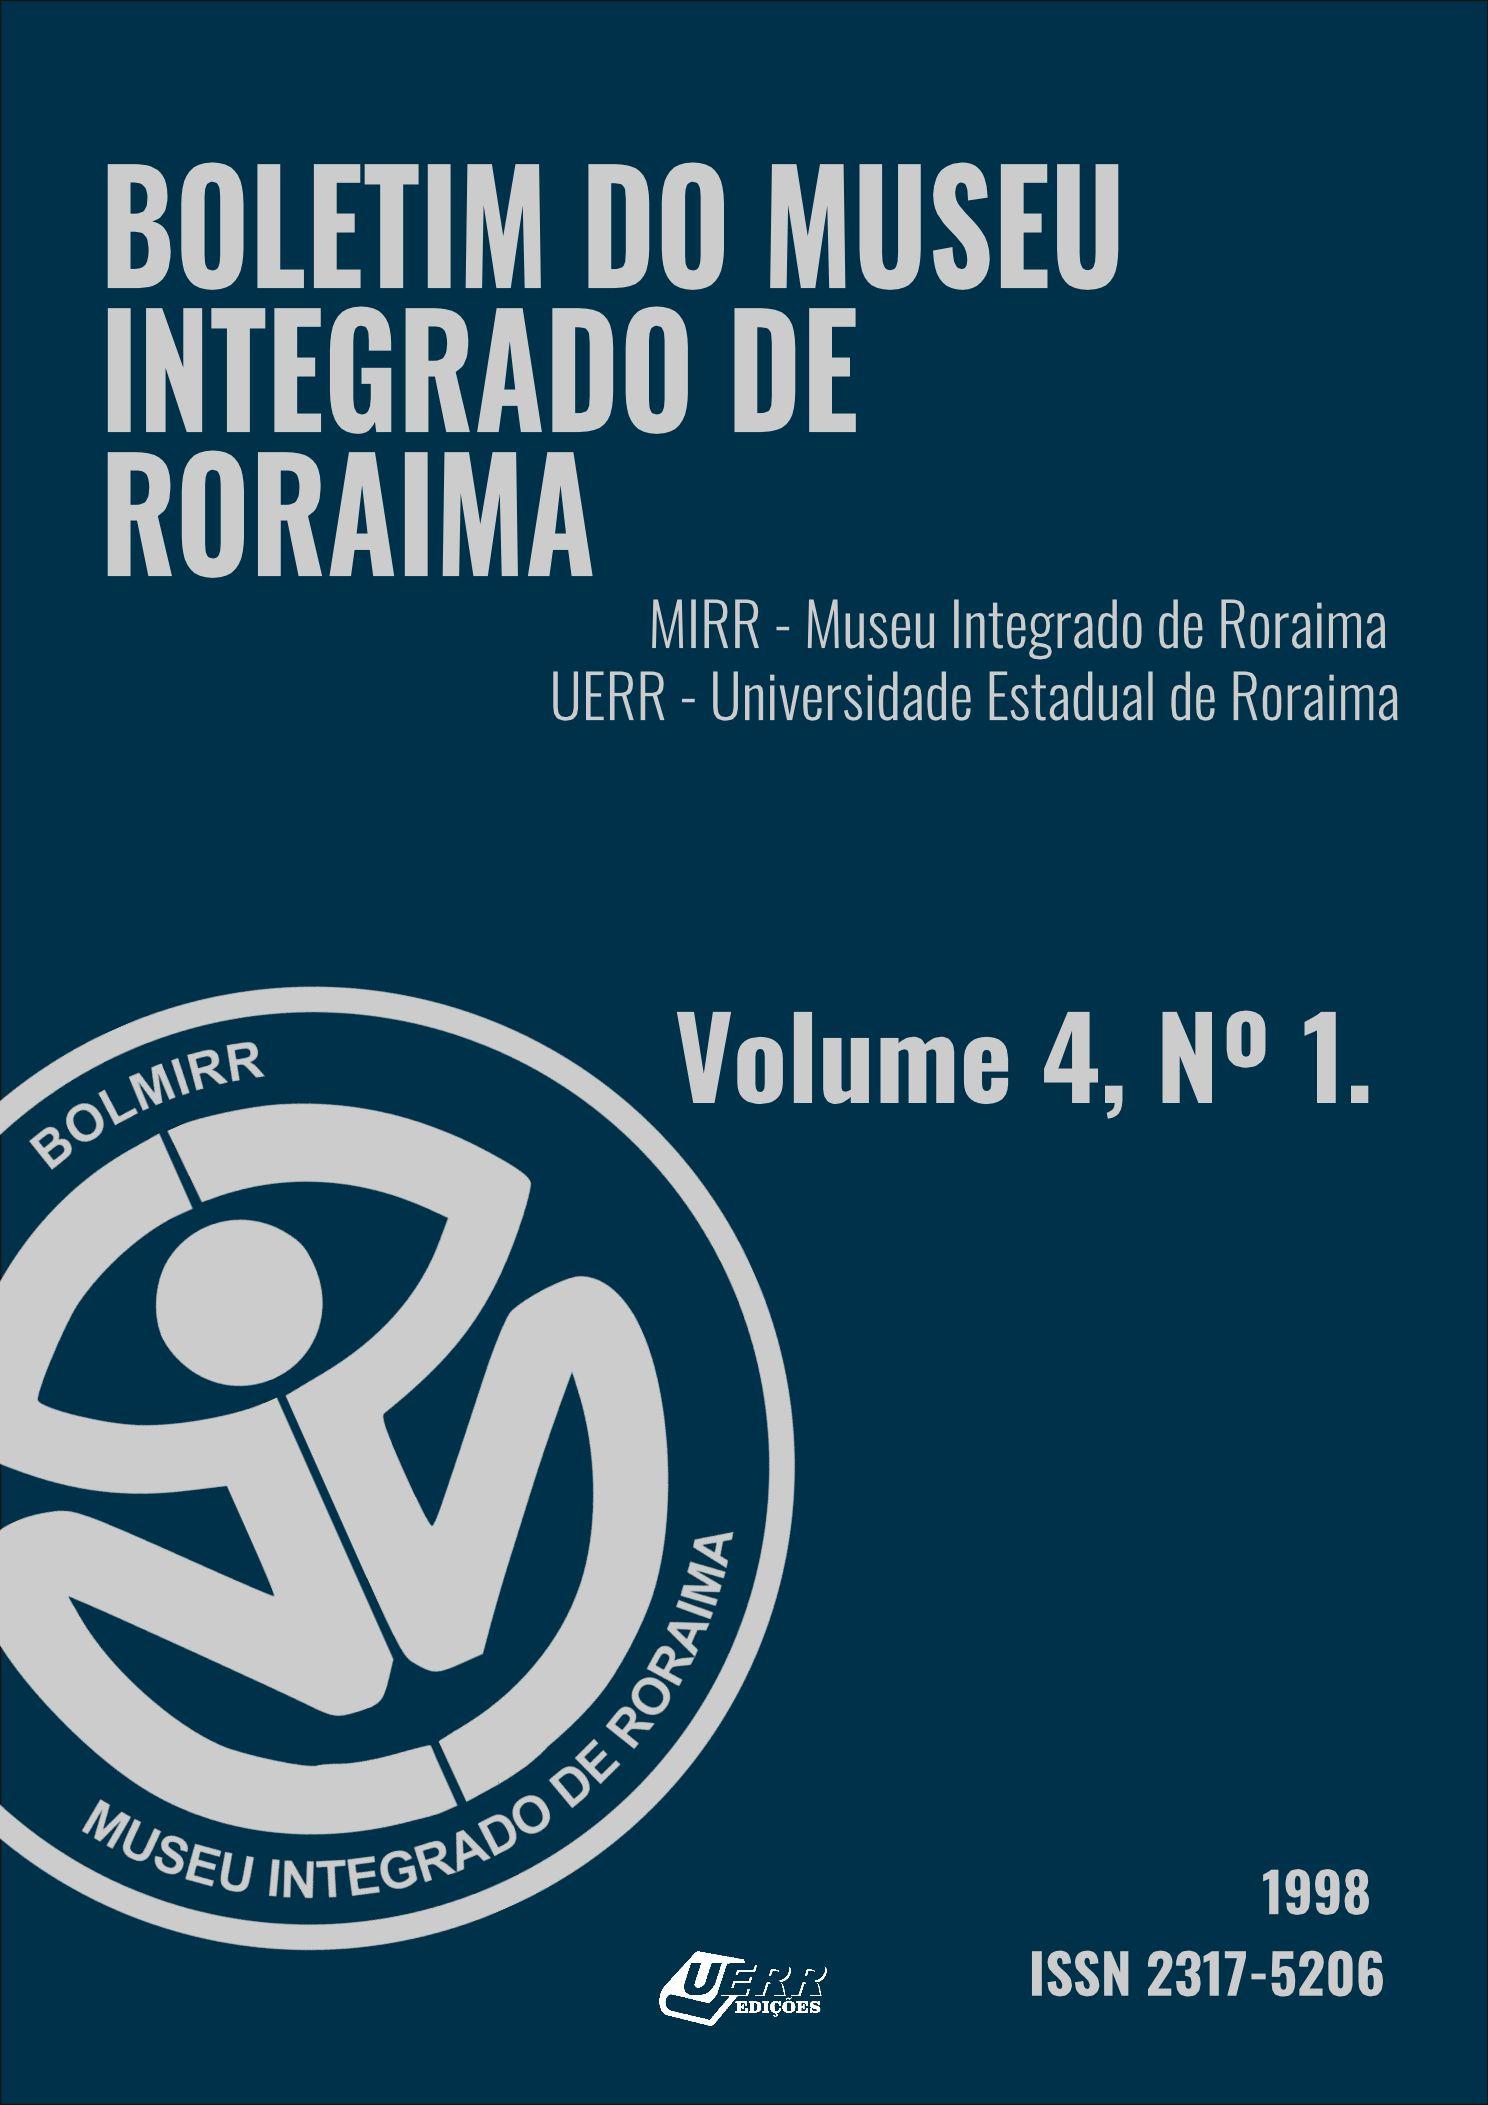 Visualizar v. 4 n. 01 (1998): Boletim do Museu Integrado de Roraima